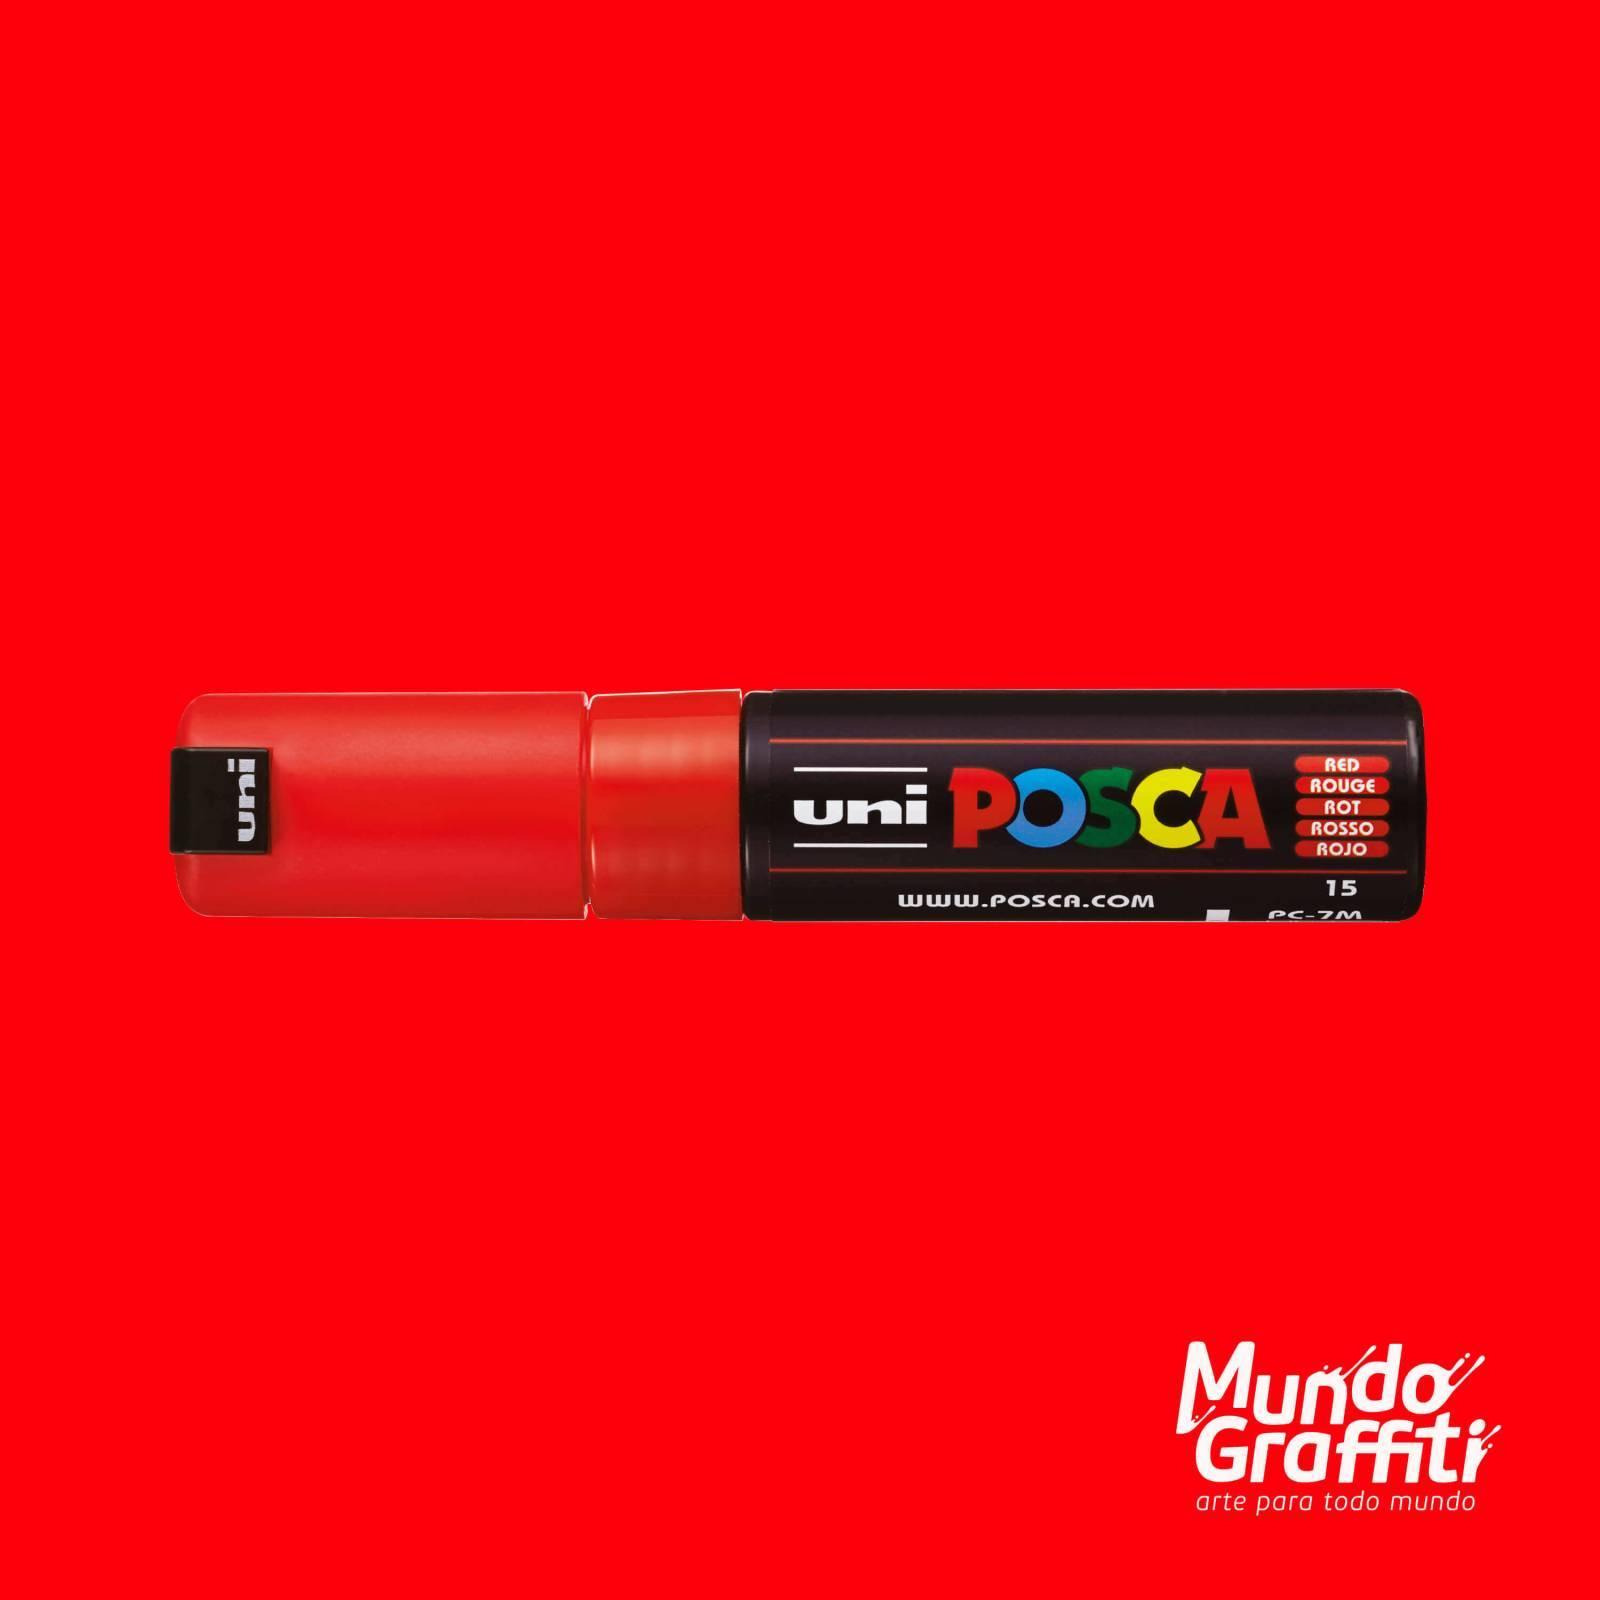 Caneta Posca 7M Vermelho - Mundo Graffiti